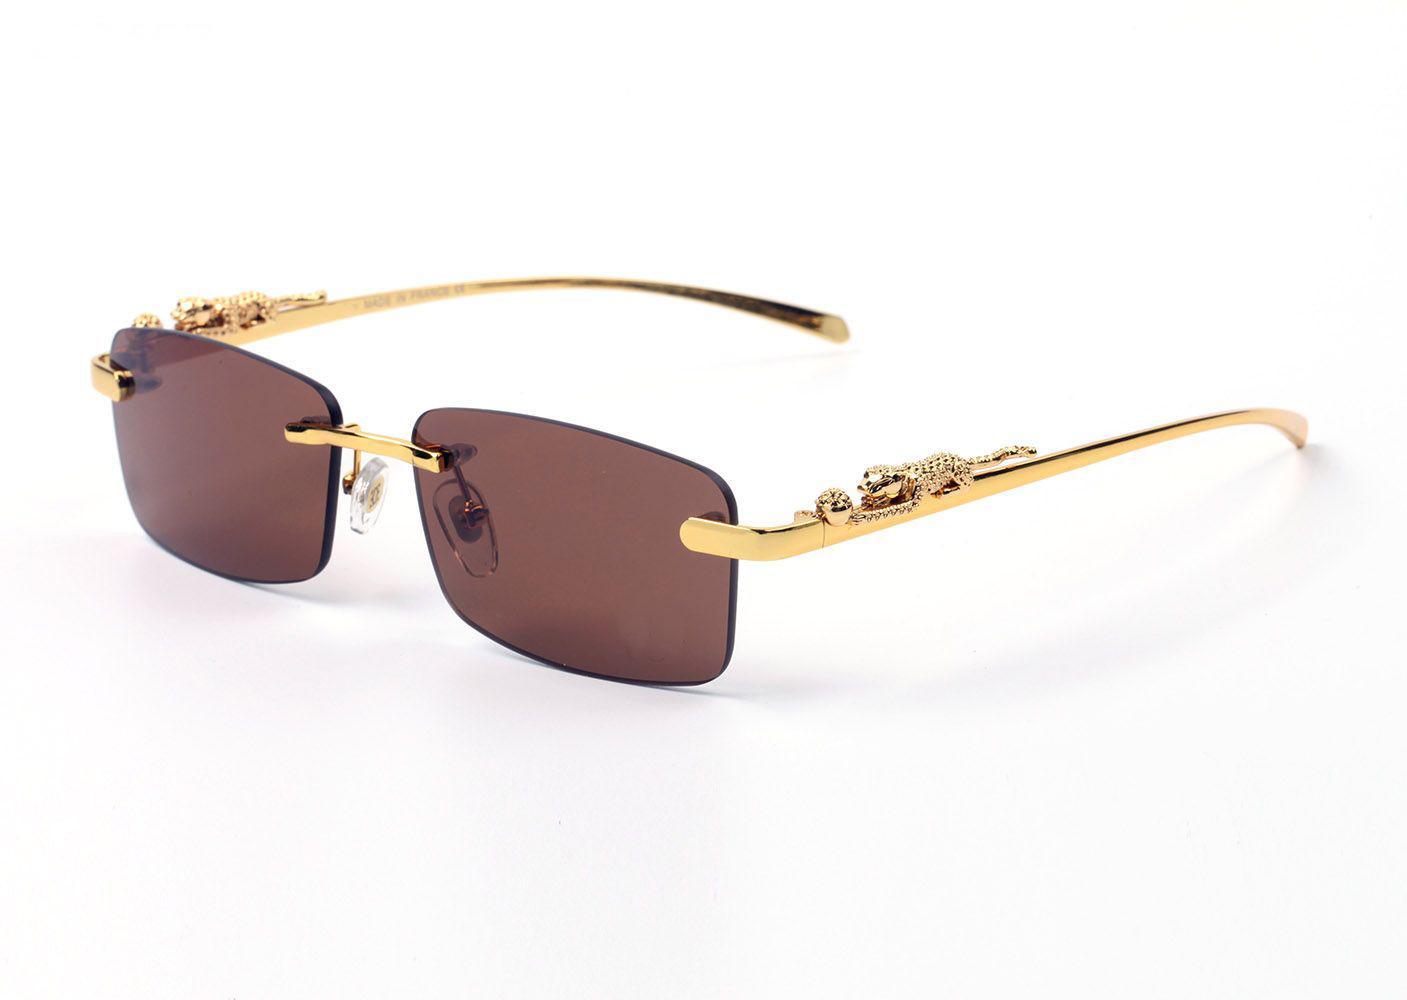 Tasarımcı Güneş Gözlüğü Erkekler Kadınlar için Gözlük Altın Metal Ahşap Kelimeler Çerçeve Gözlük Çerçevesiz Kahverengi Siyah Lensler Oyma Oyma Tapınaklar Lunettes de Soleil